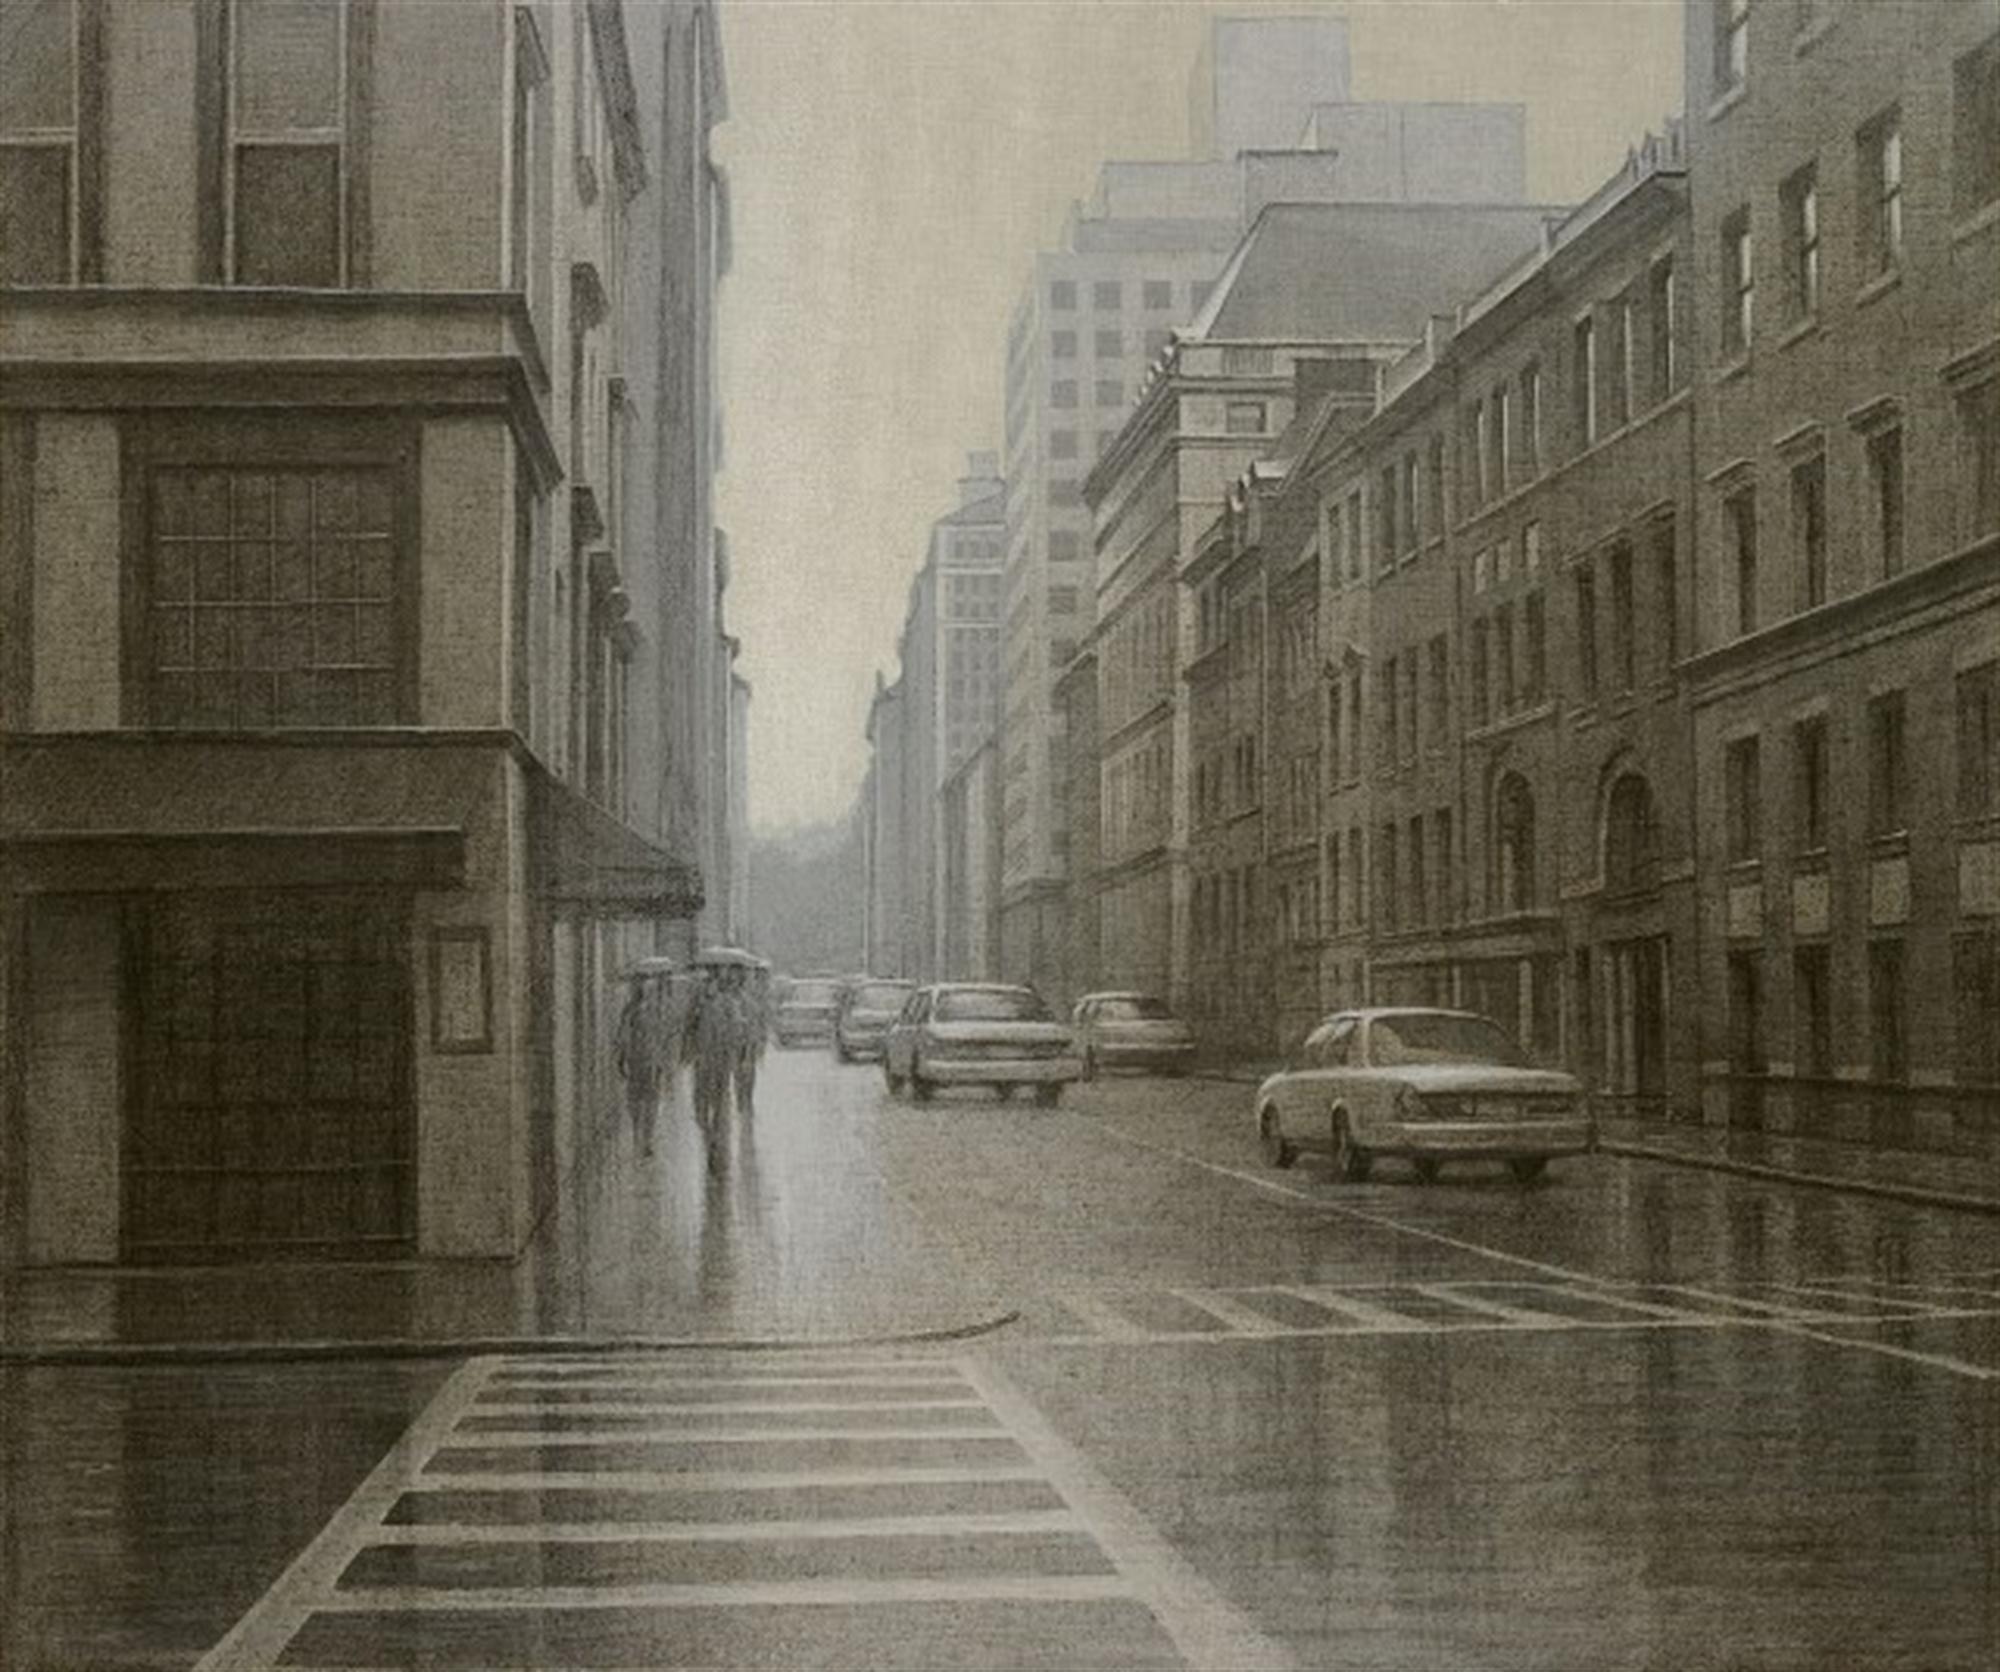 A Misty Day- Manhattan by Alexei Butirskiy